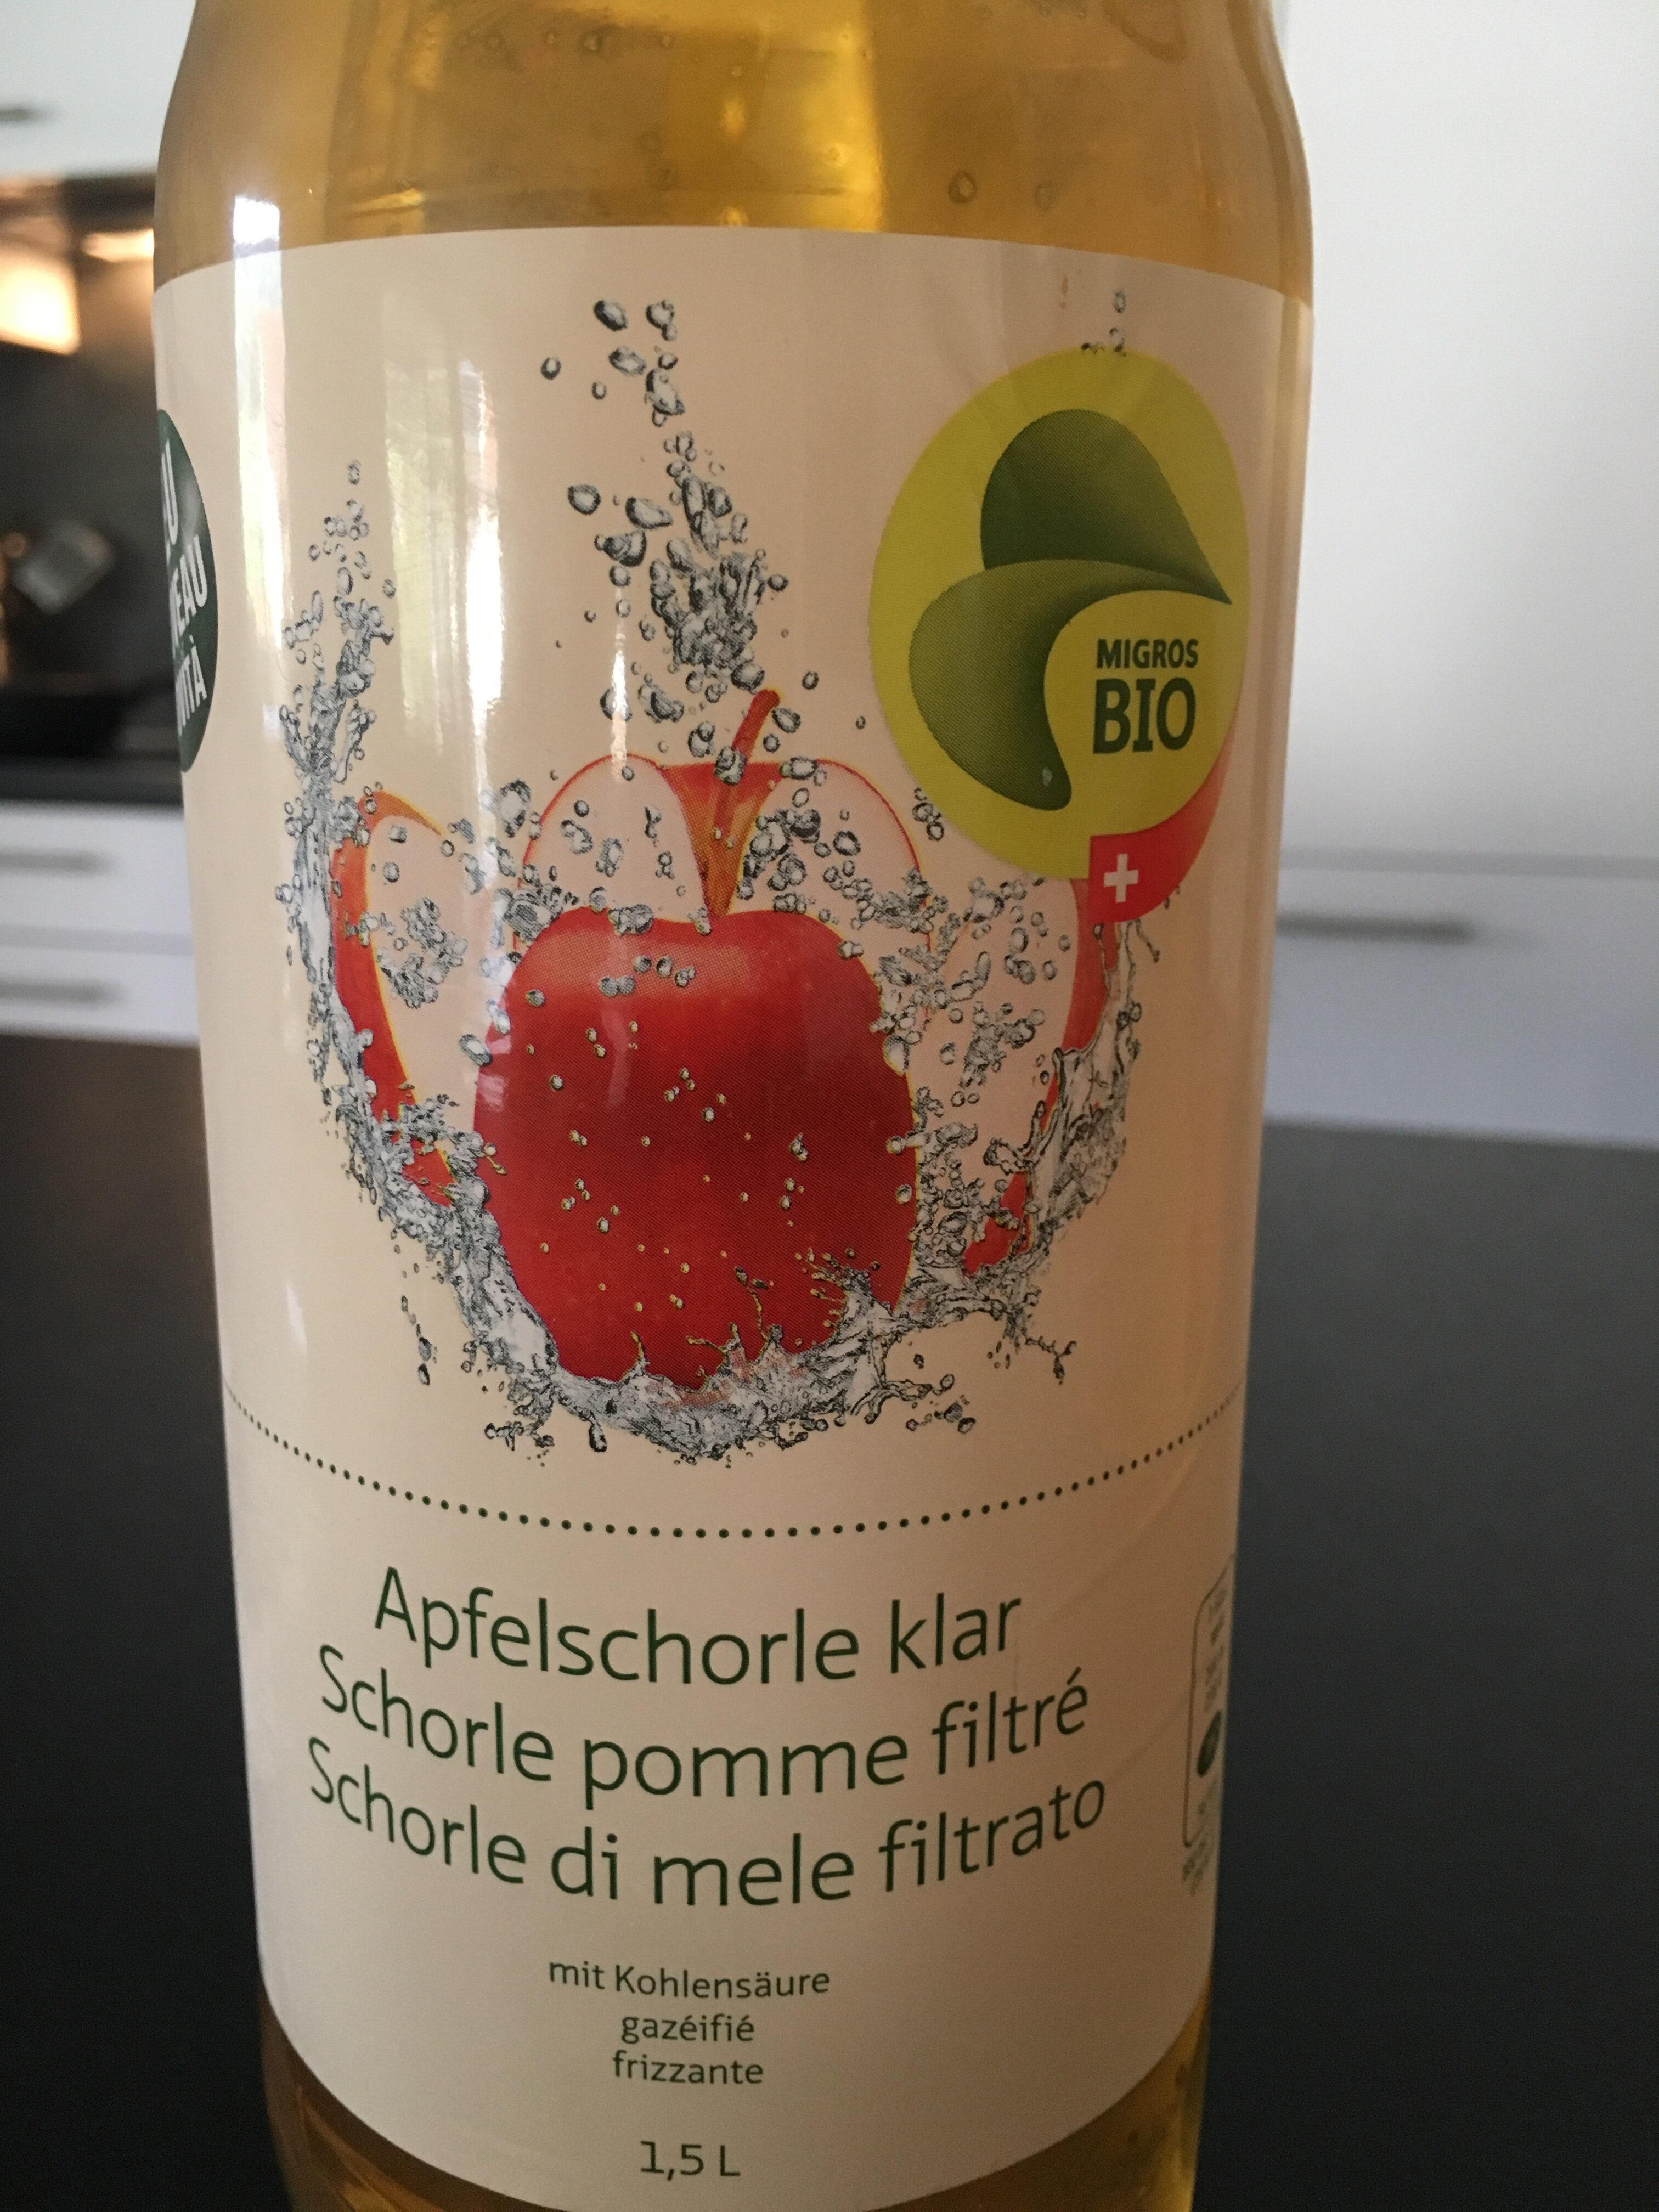 Schorle pomme filtré - Prodotto - fr